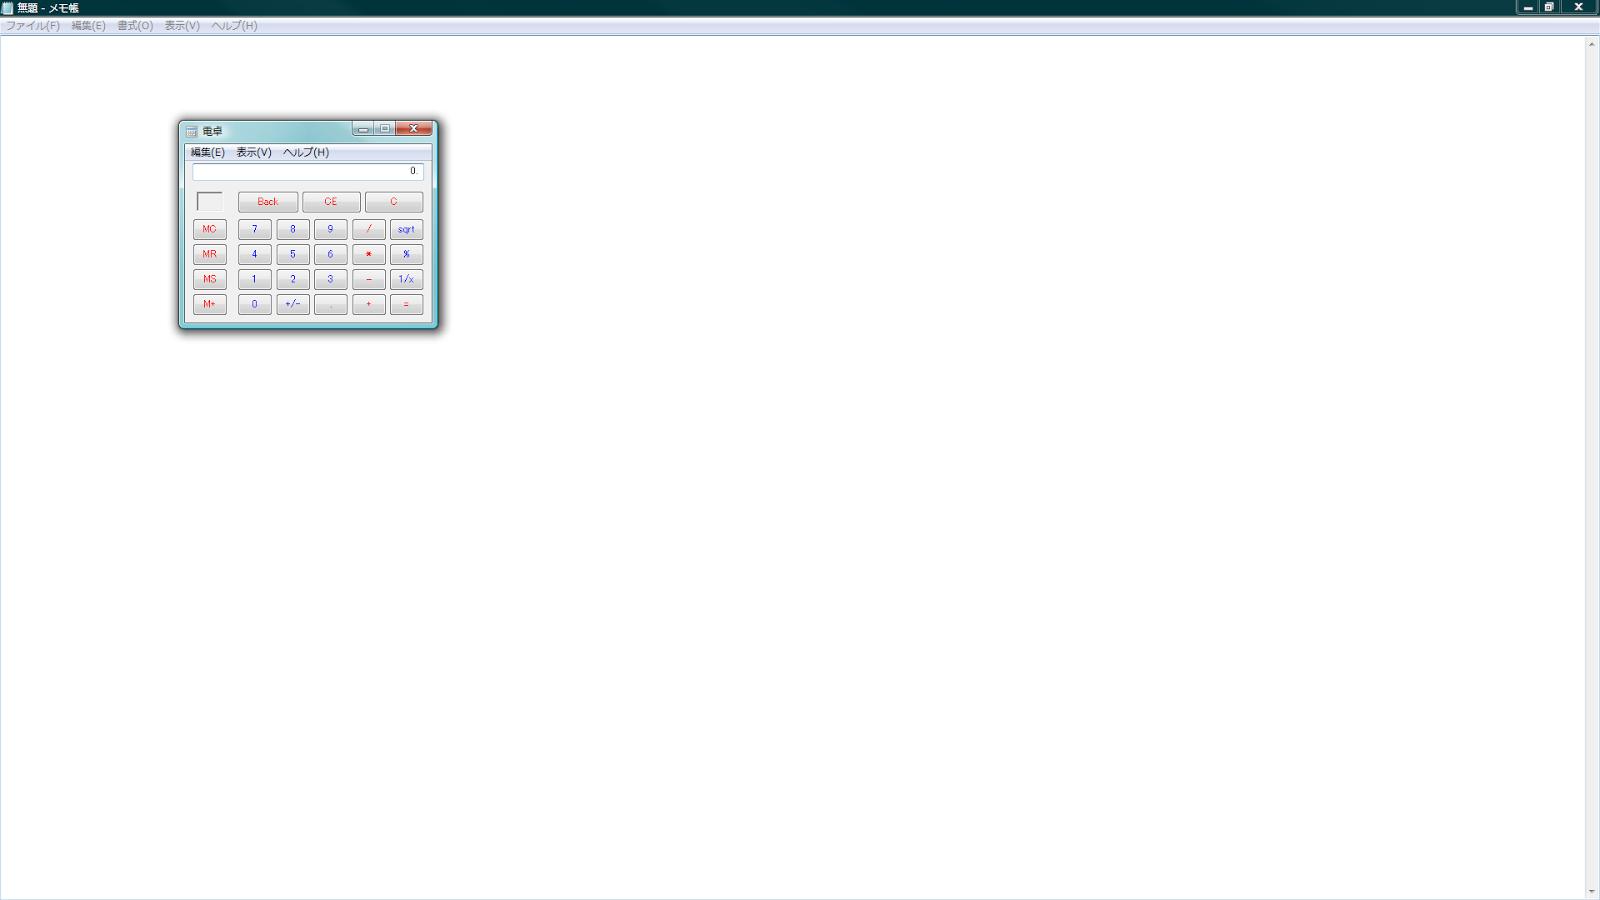 メモ帳を最大化して、画面キャプチャ対象の背景を真っ白にする